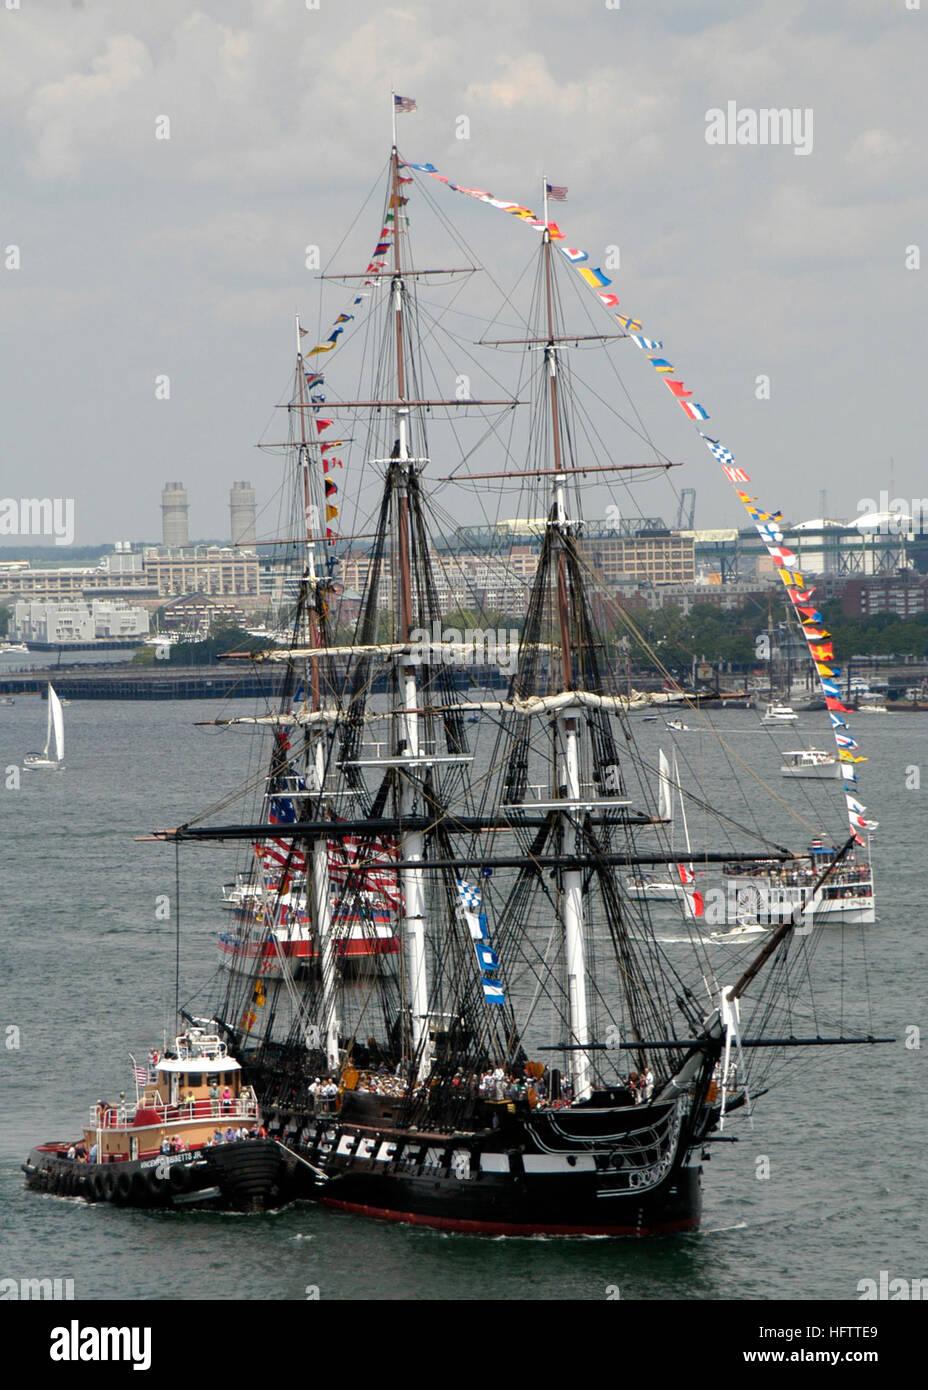 070704-N-1189B-068 BOSTON (Julio 4, 2007) Ð USS Constitution hace su viaje anual a través de Boston en Imagen De Stock